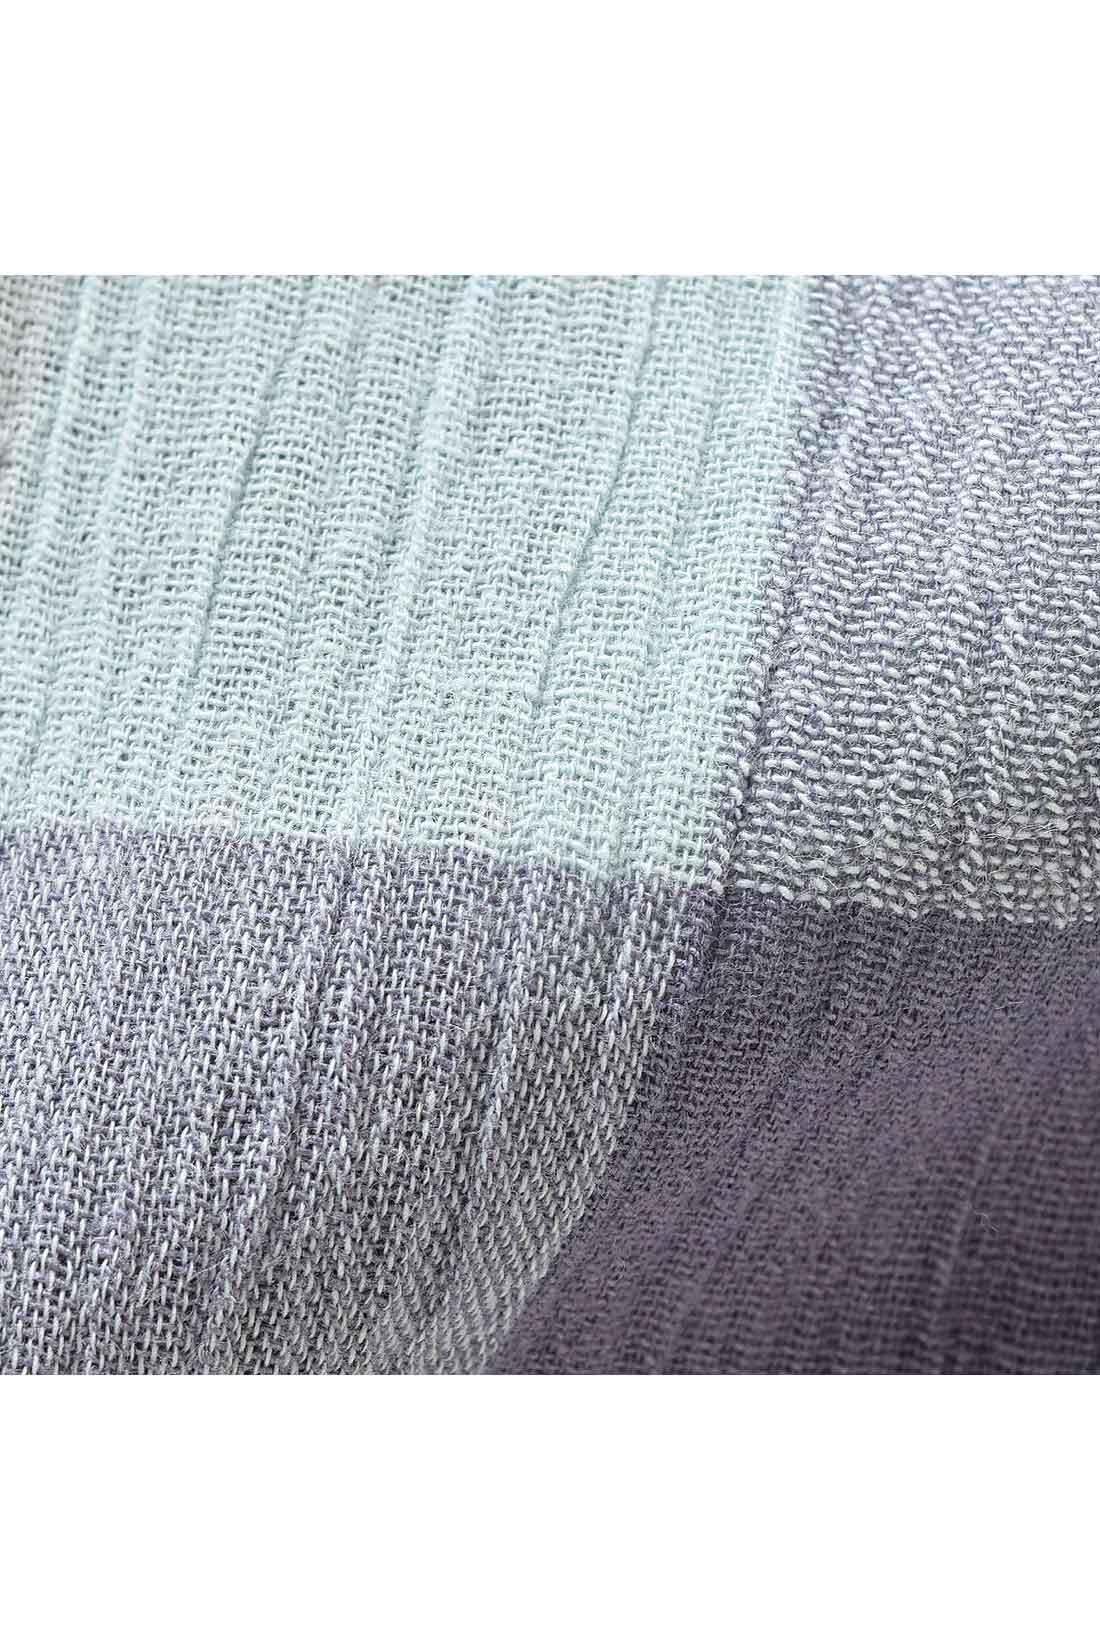 汗をかいても汗にペタッと張り付きにくい楊柳素材。